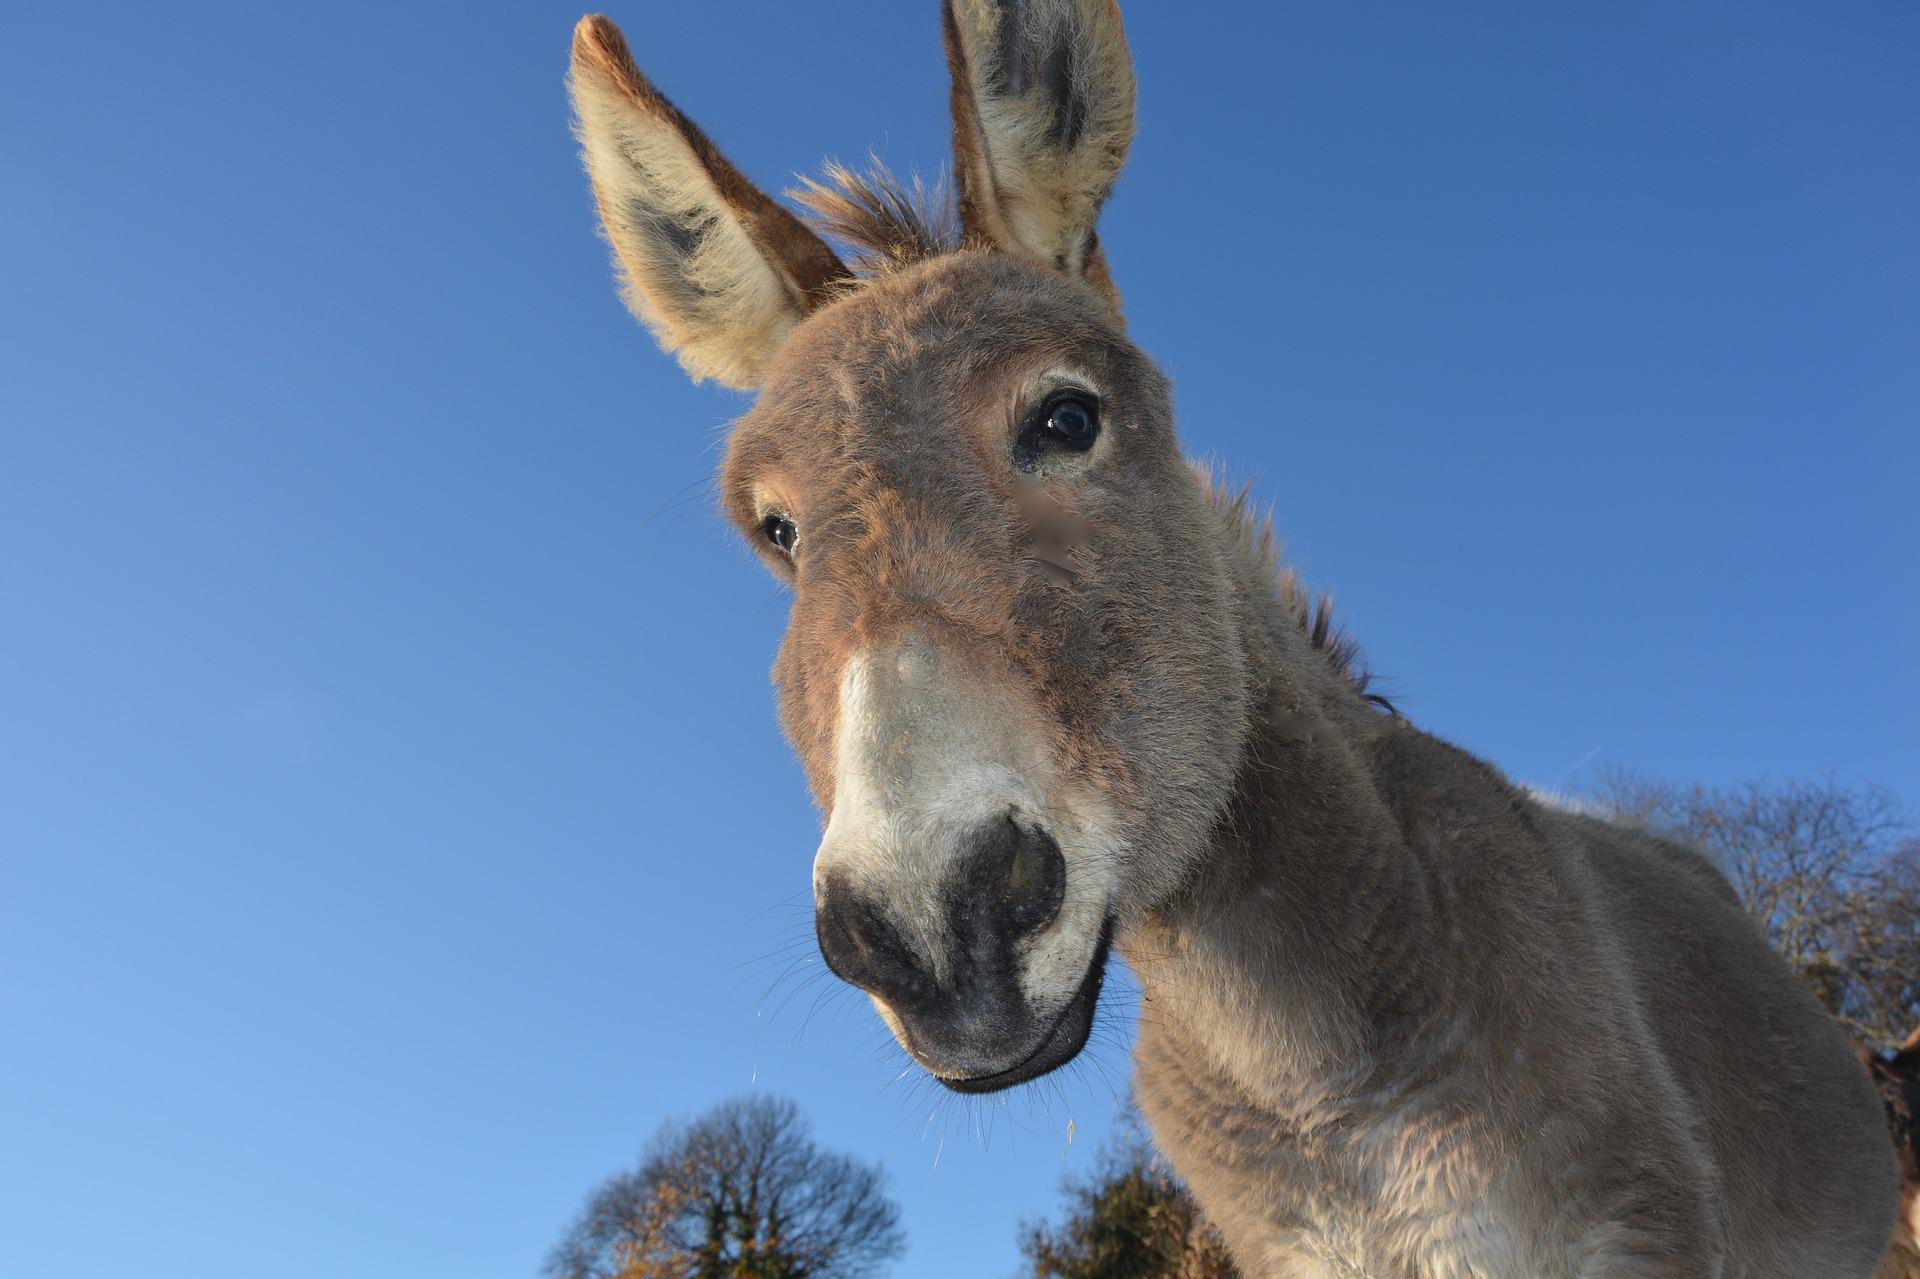 donkey-2996965_1920.jpg